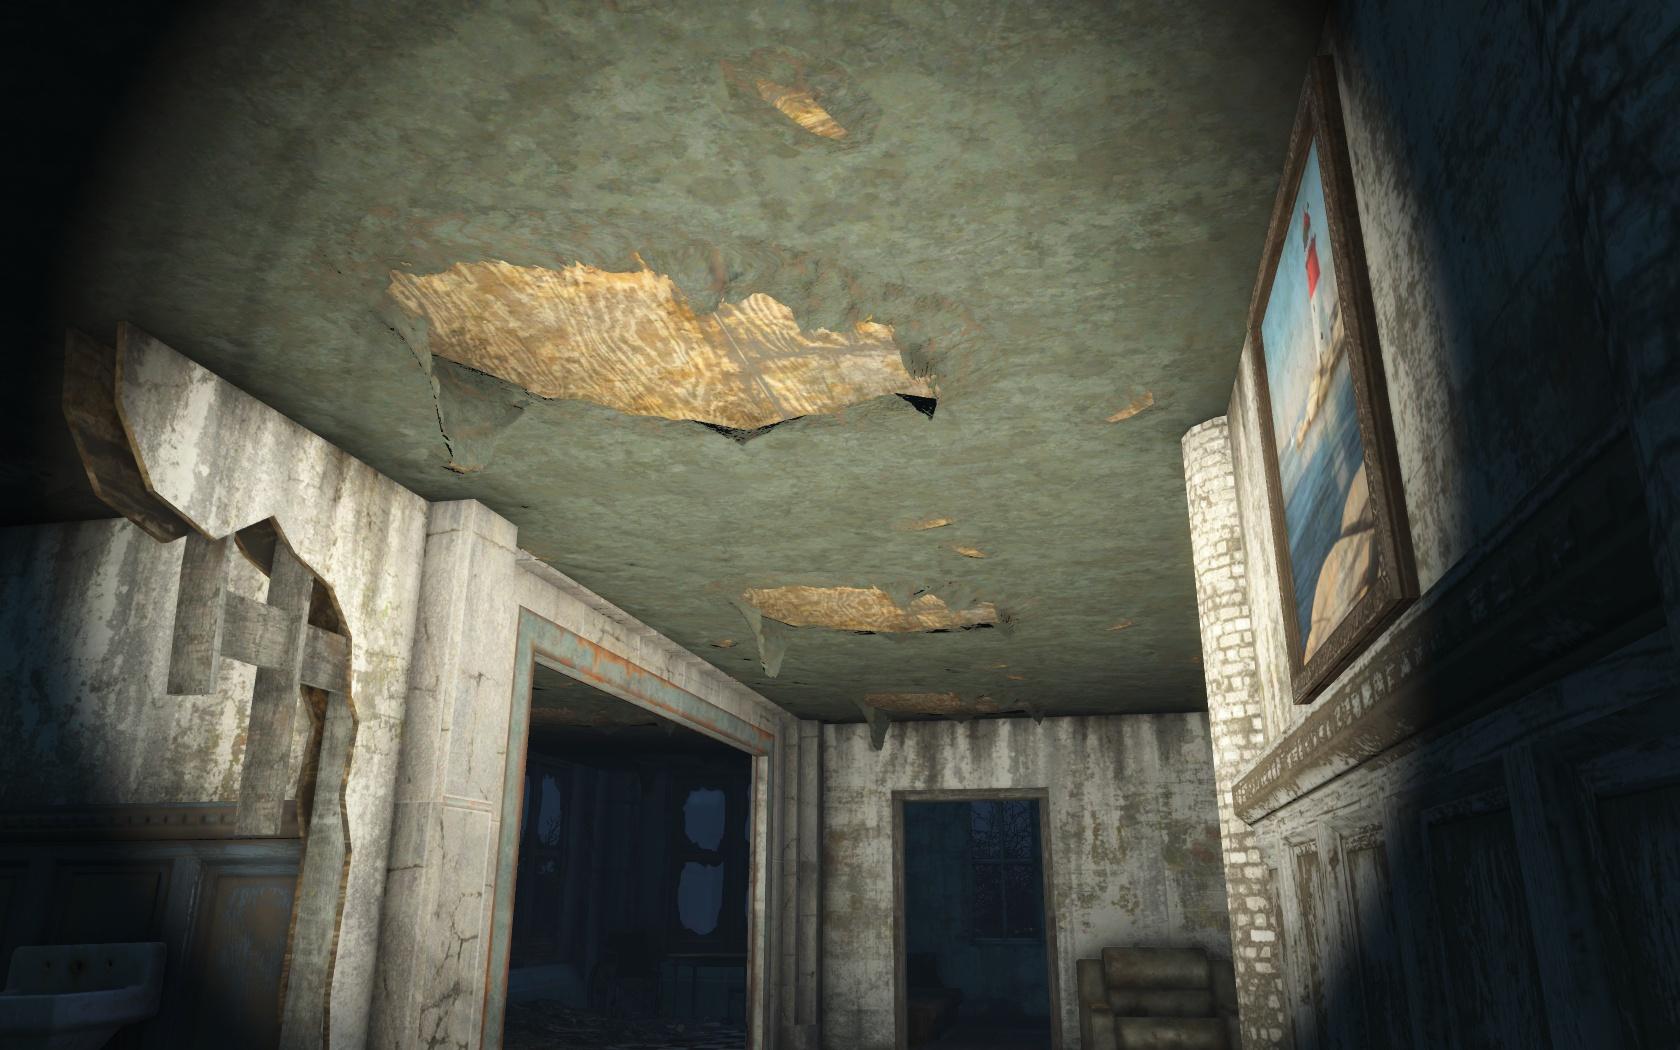 Текстура - Fallout 4 Таинственны сосны, текстура